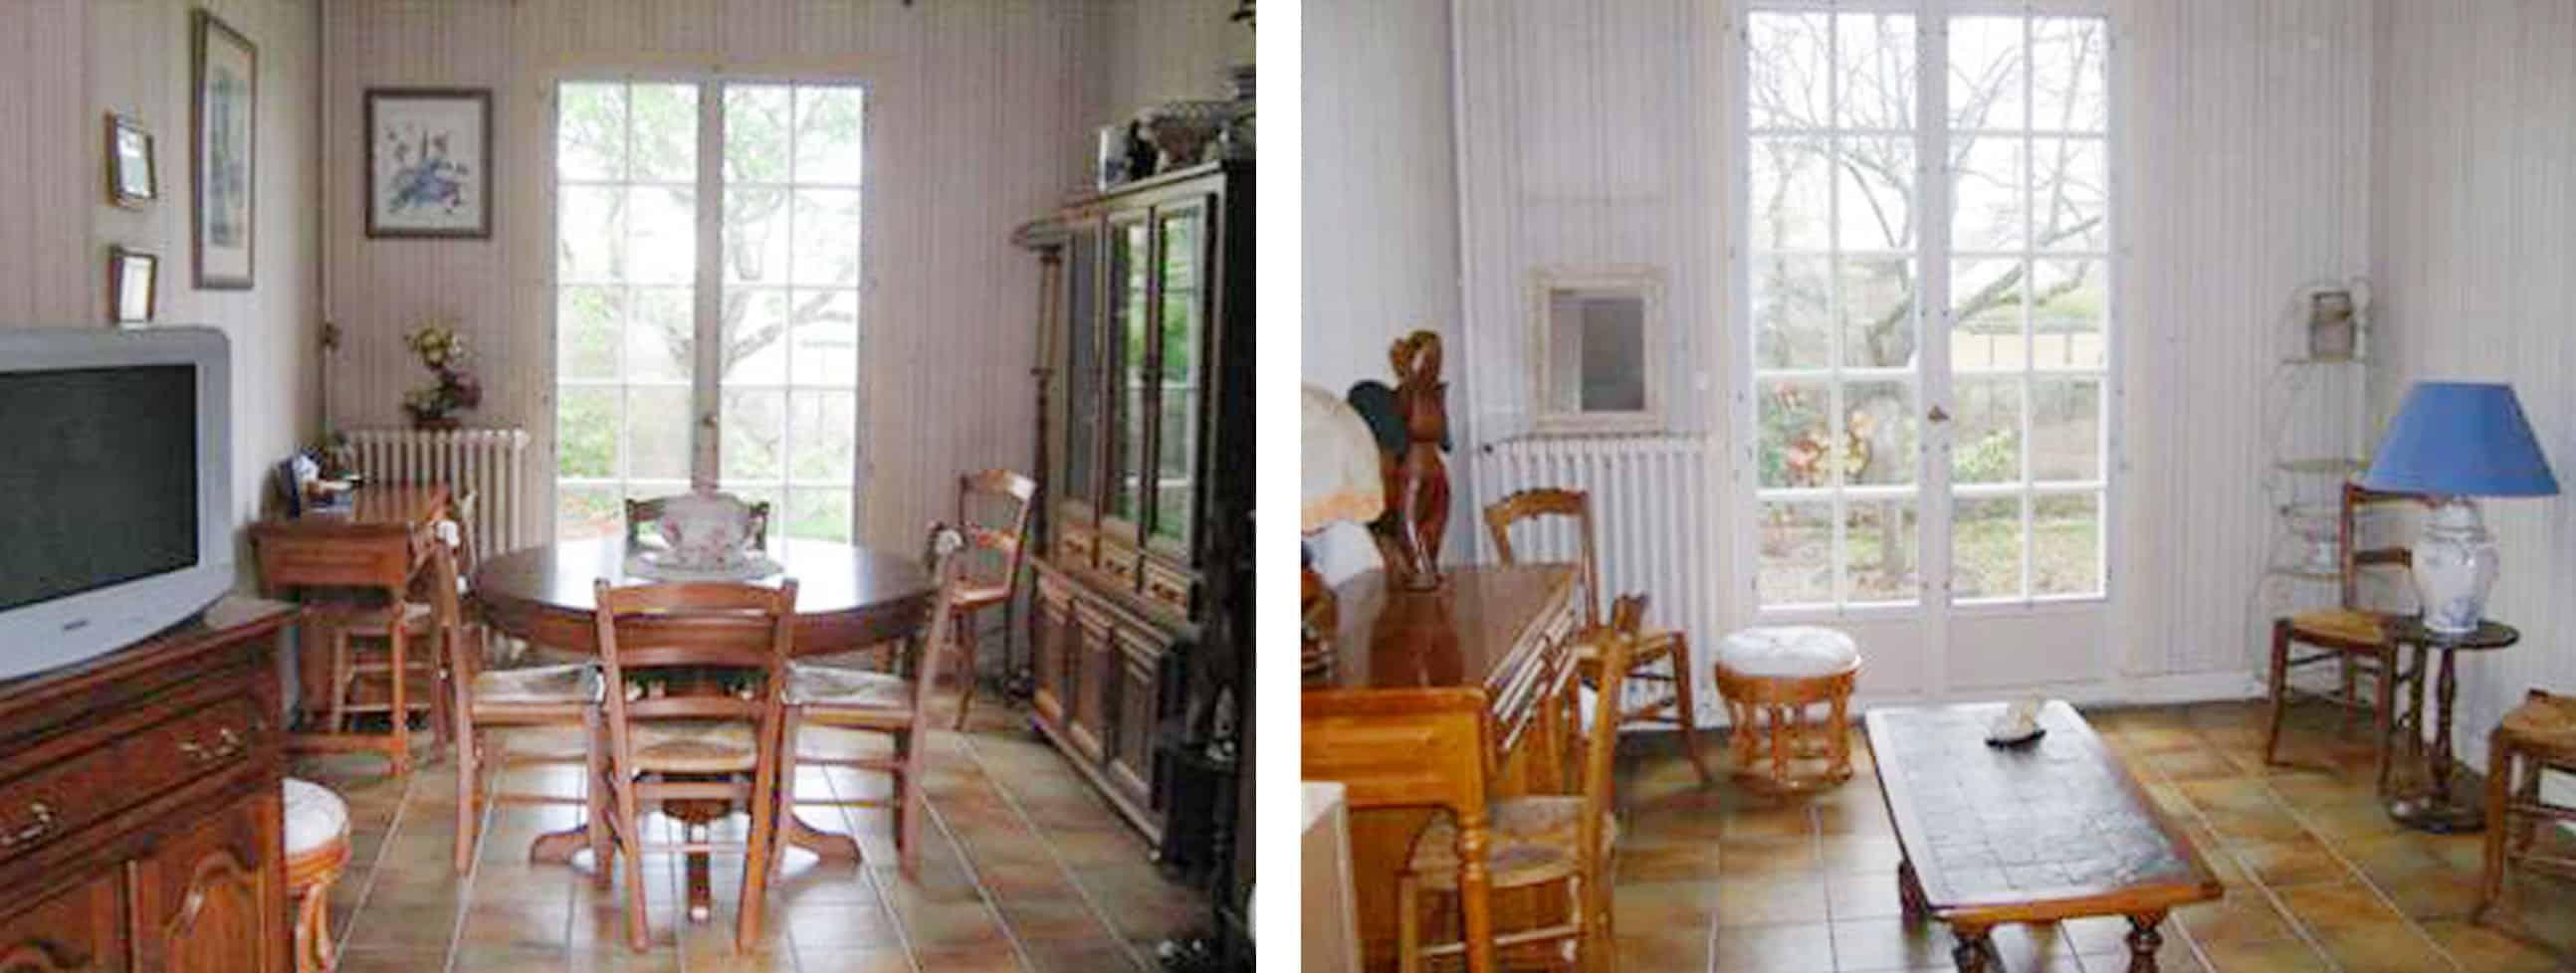 Avant / Après : salon et salle à manger de la Maison Wink